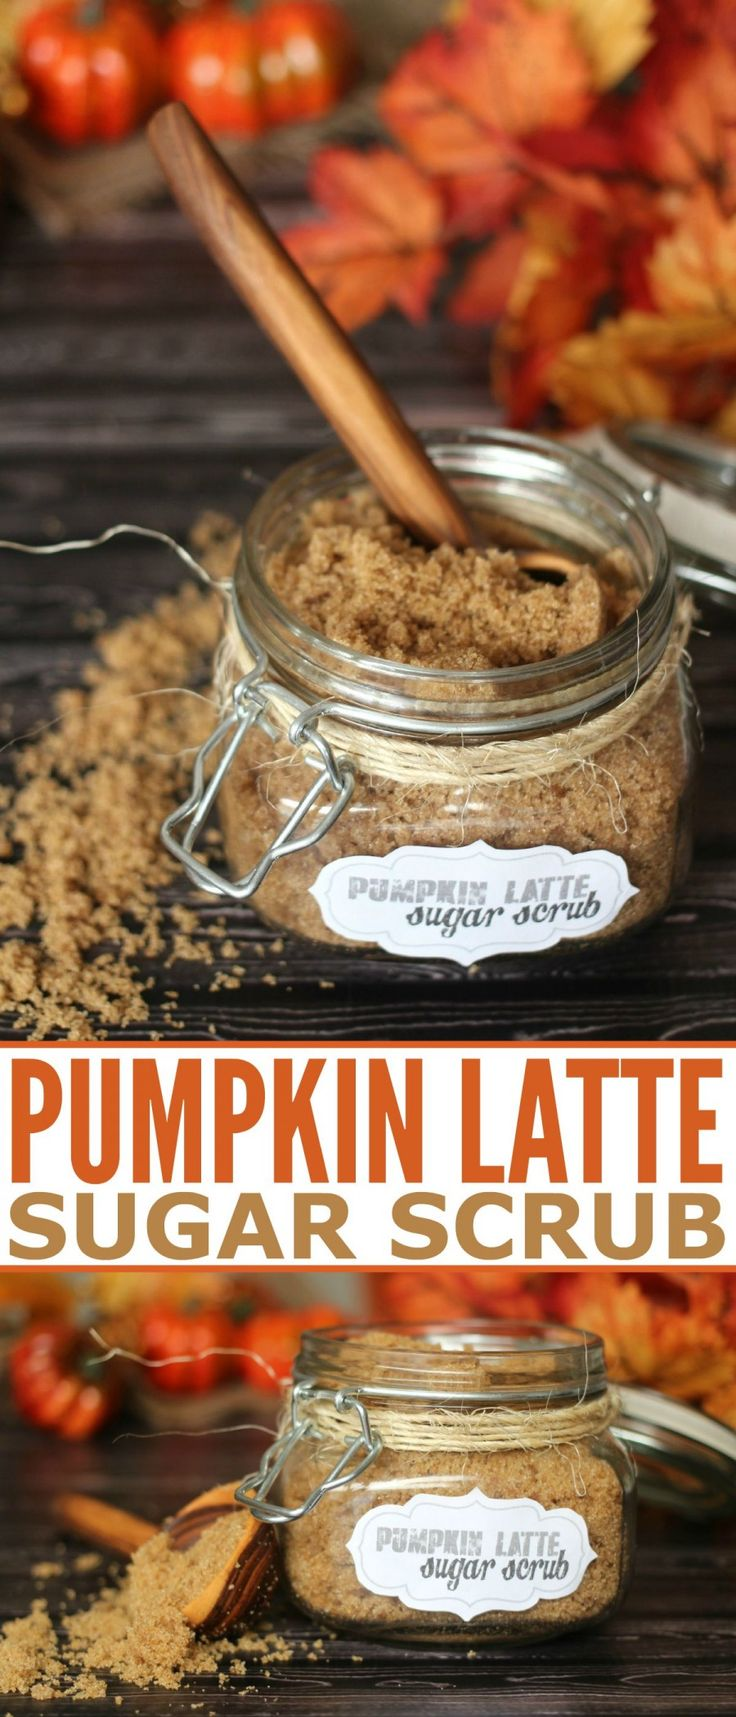 how to make a sugar foot scrub